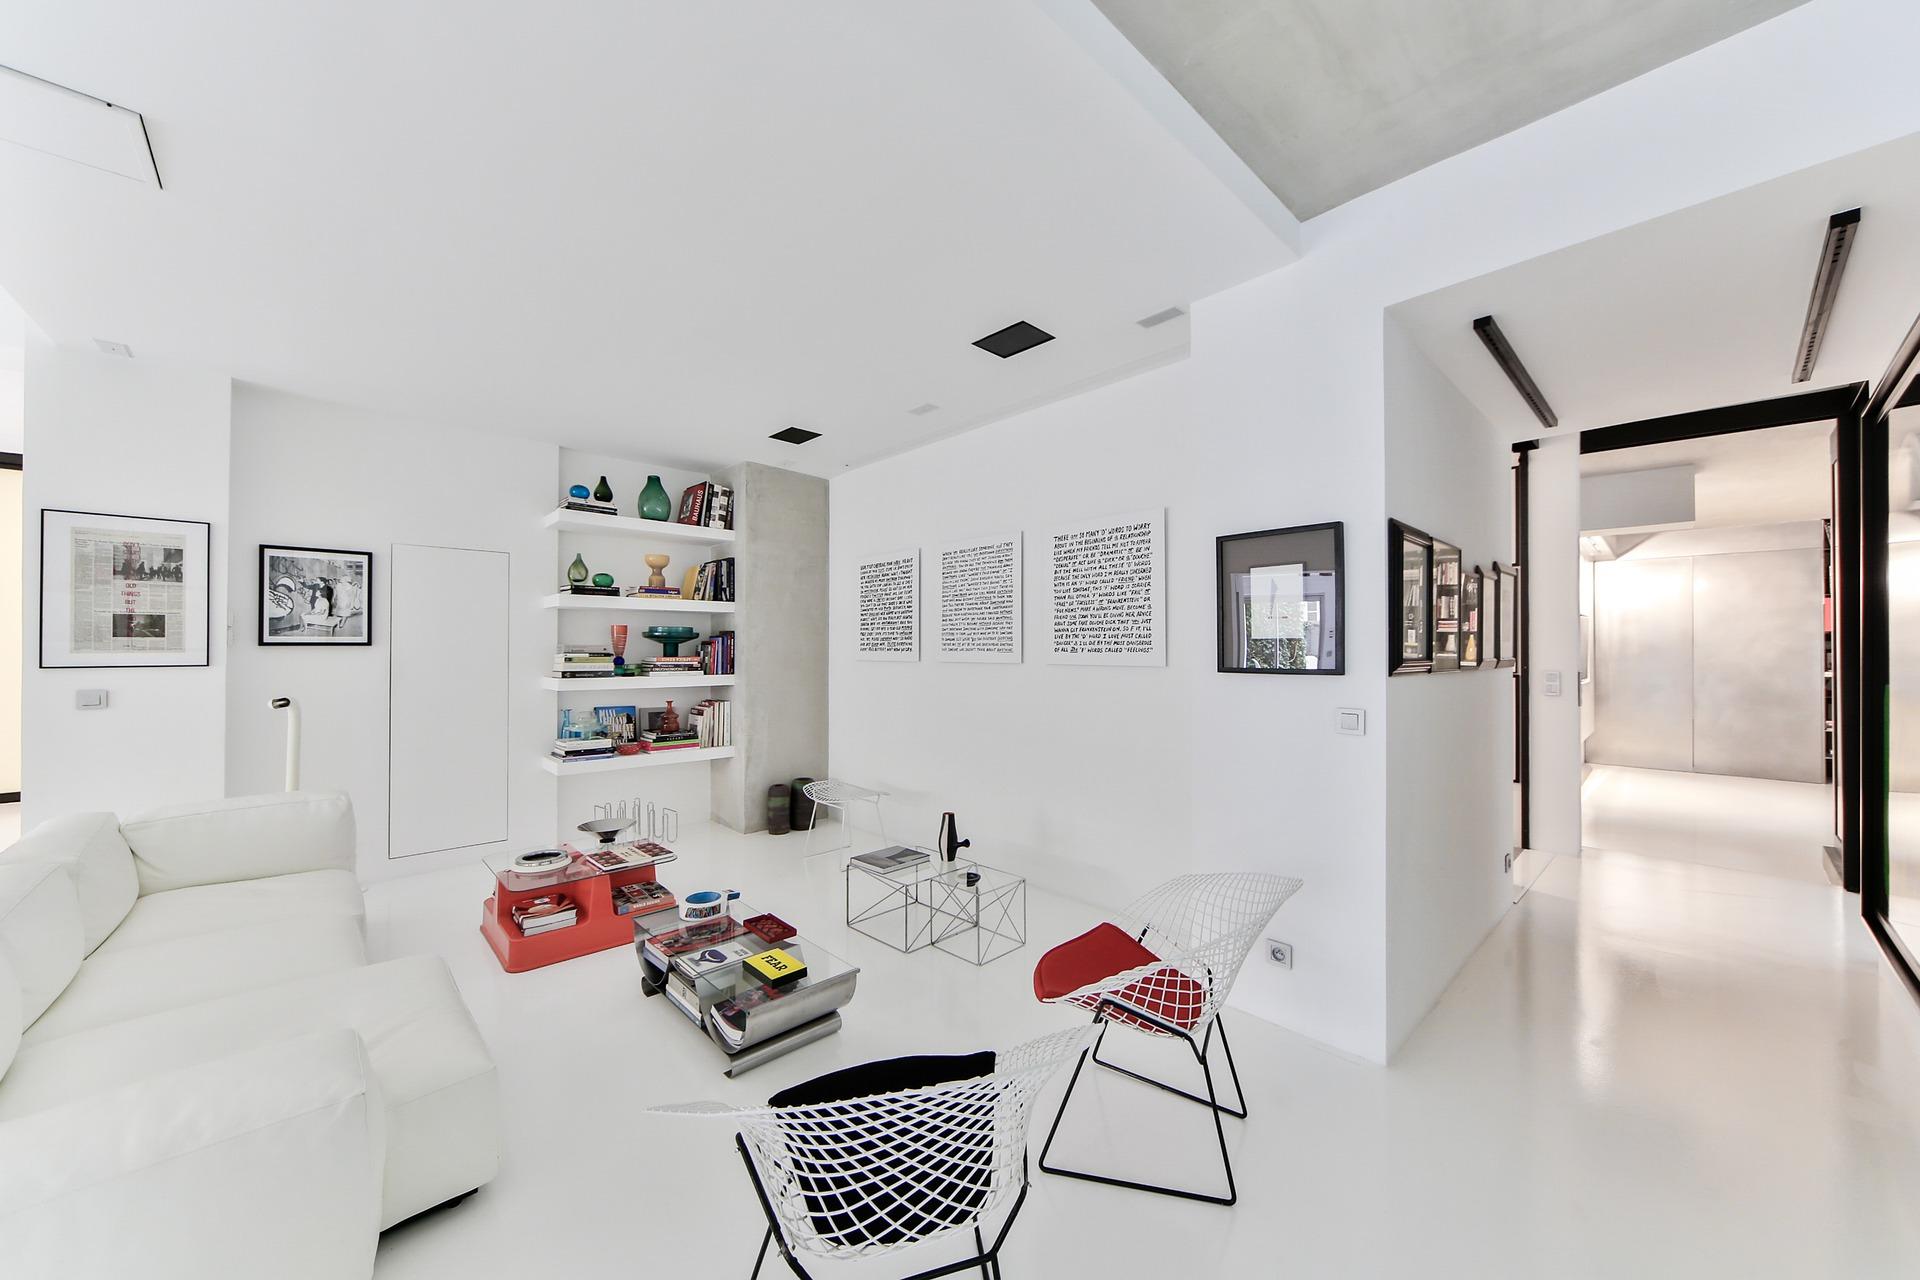 Como pintar una habitaci n blog de la tienda home - Tecnicas para pintar una habitacion ...